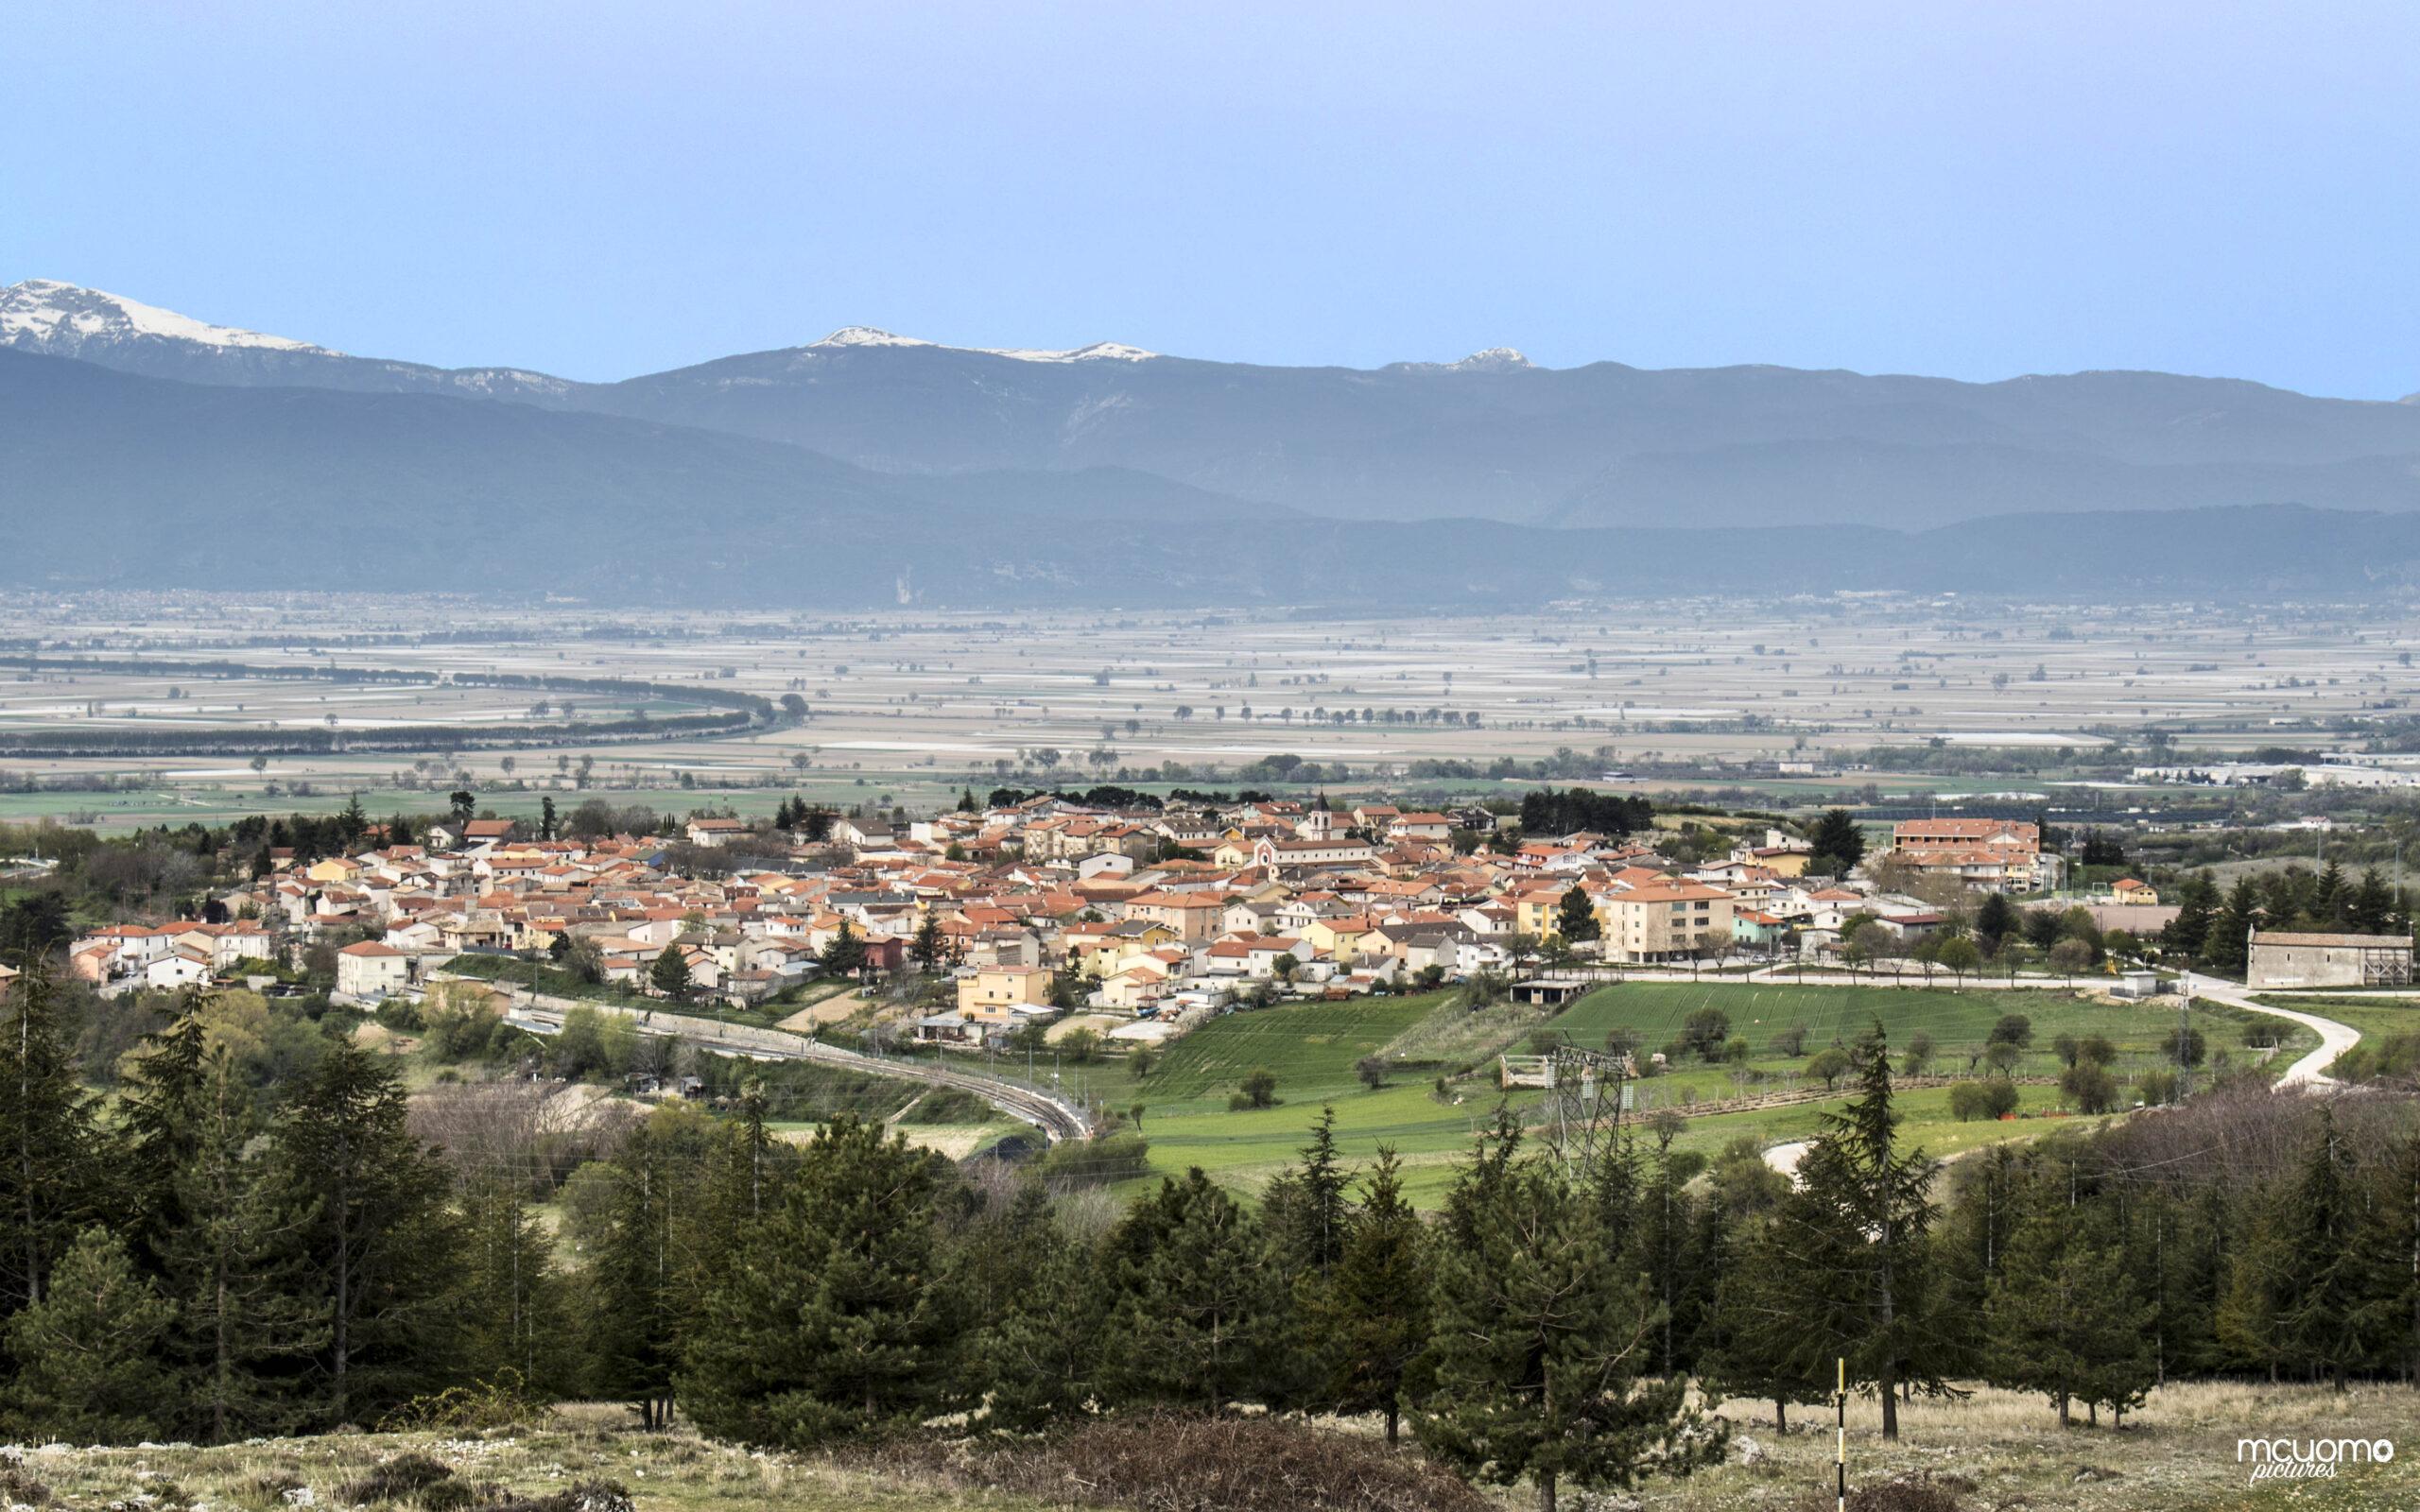 Festival delle Periferie: Collarmele unico paese a rappresentare l'Abruzzo